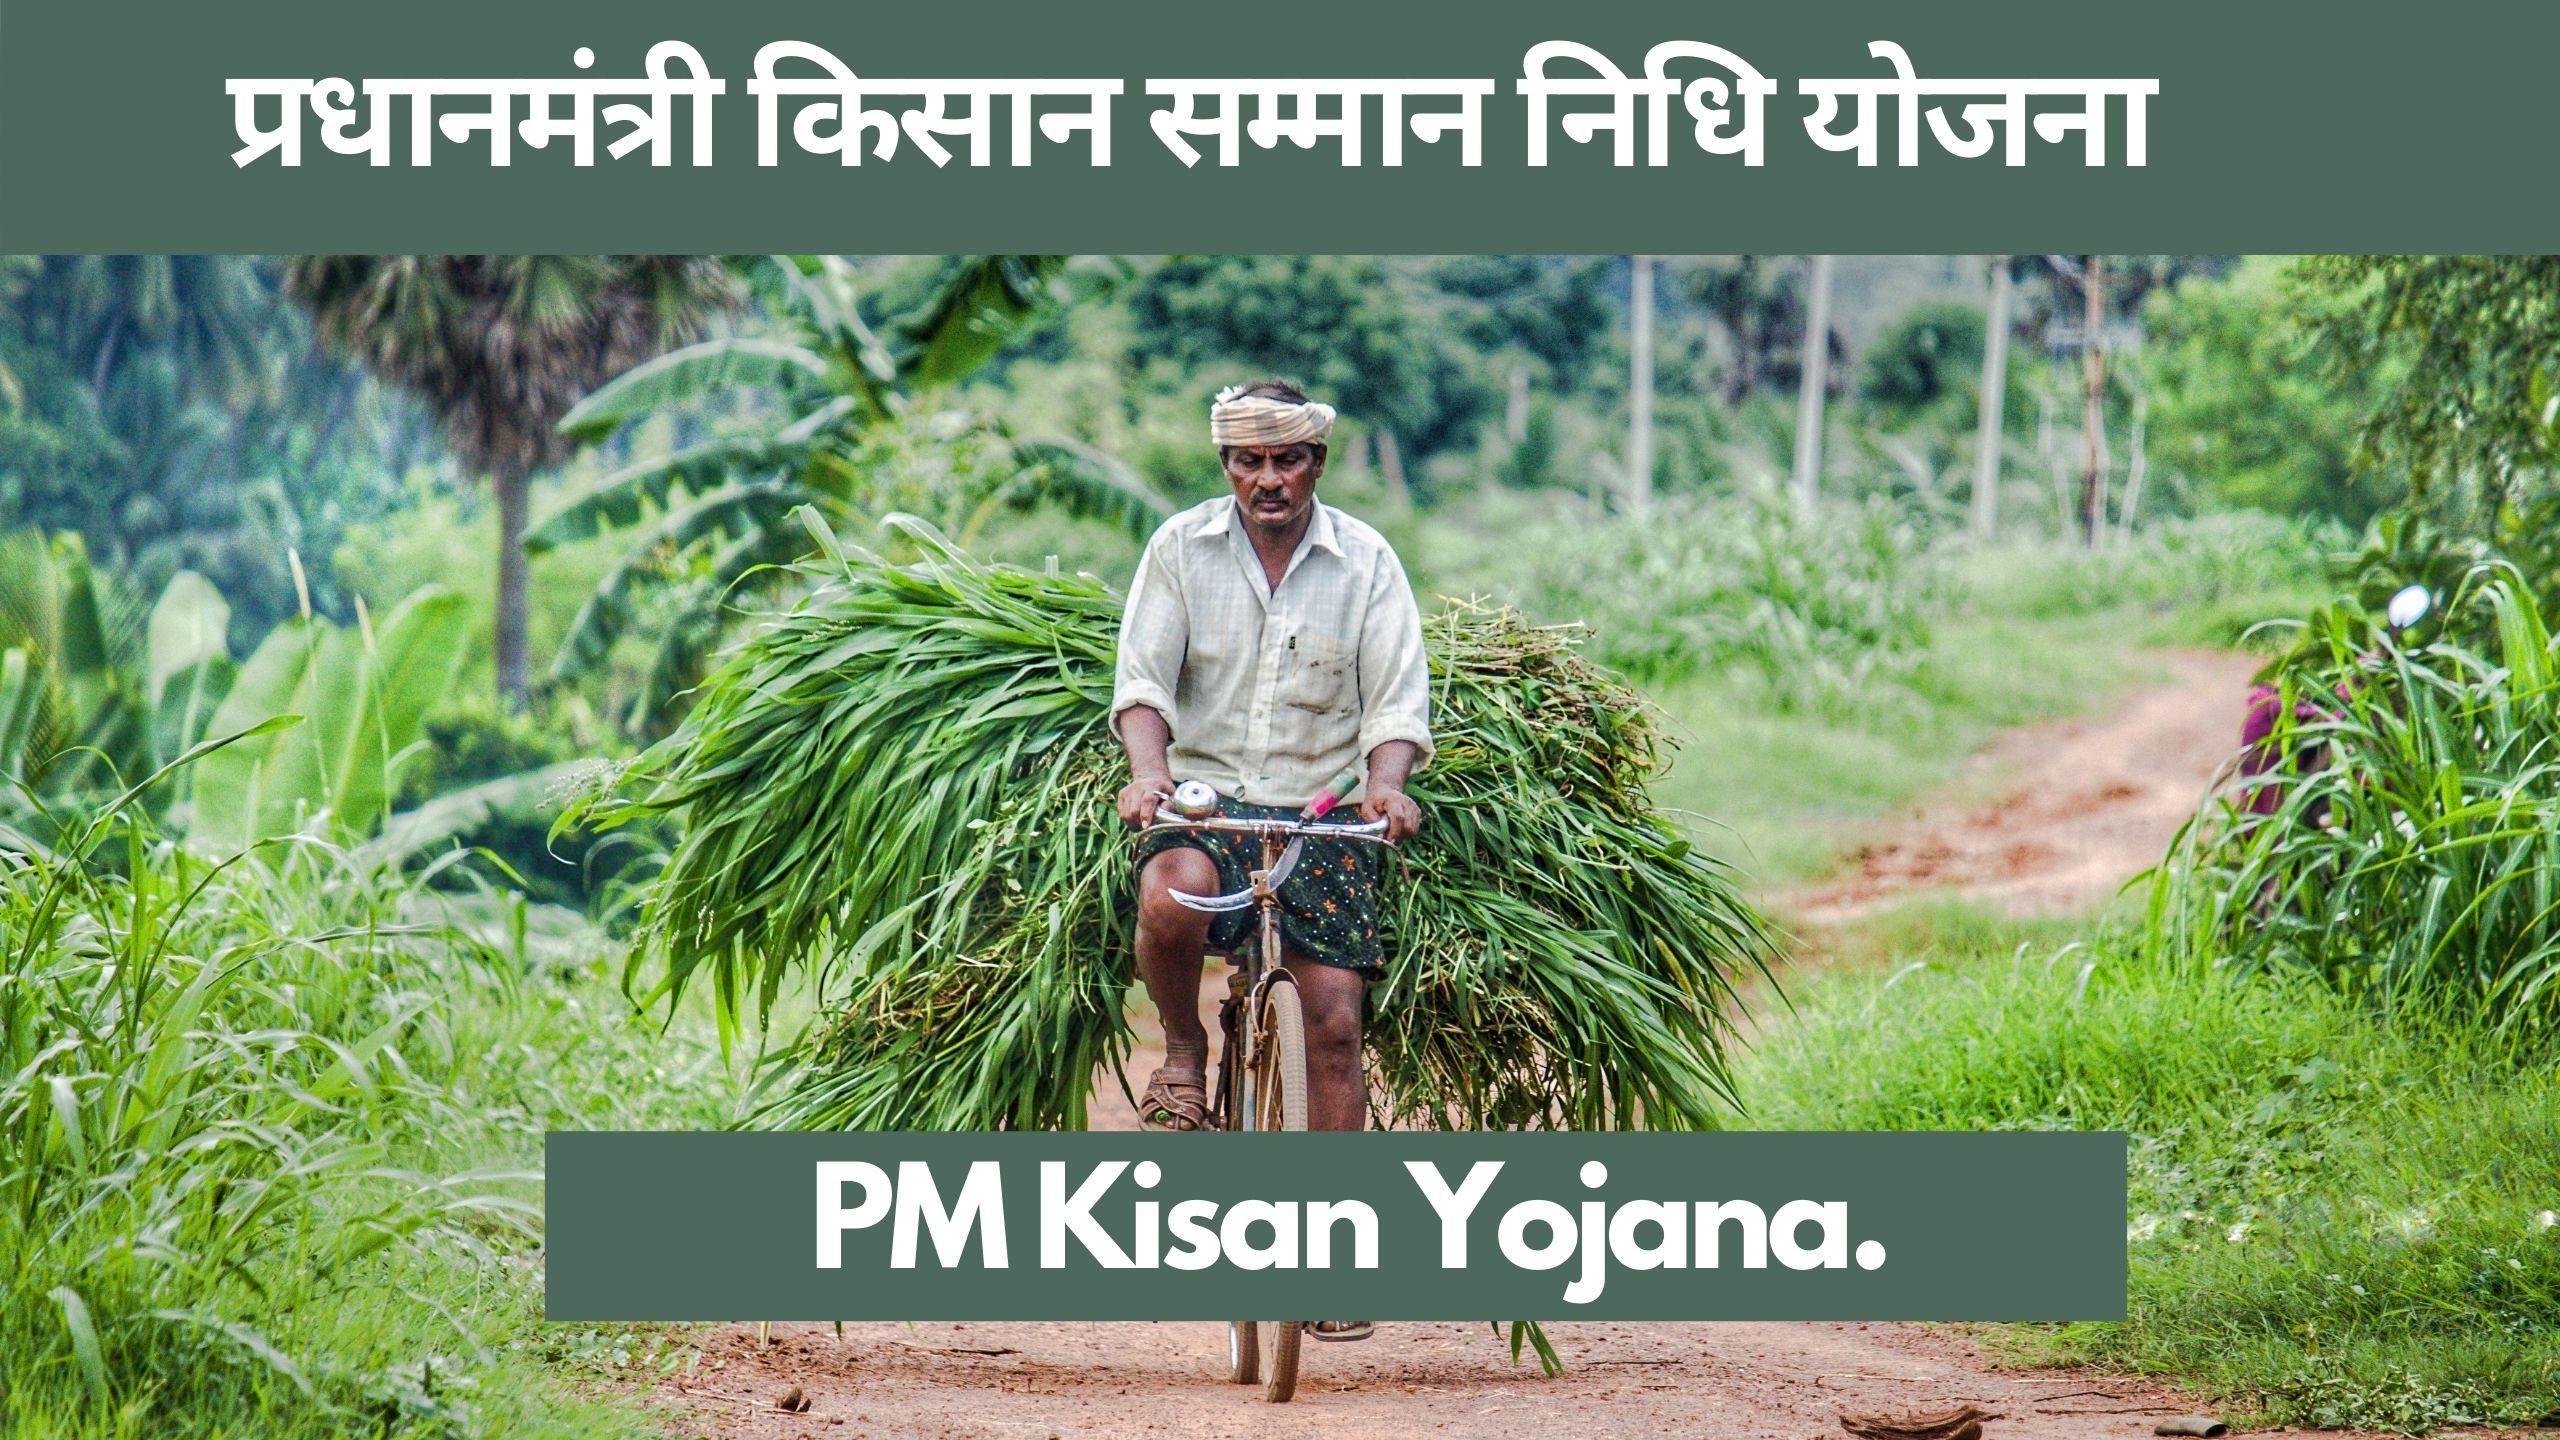 PM KISAN - Pradhan mantri kisan yojana